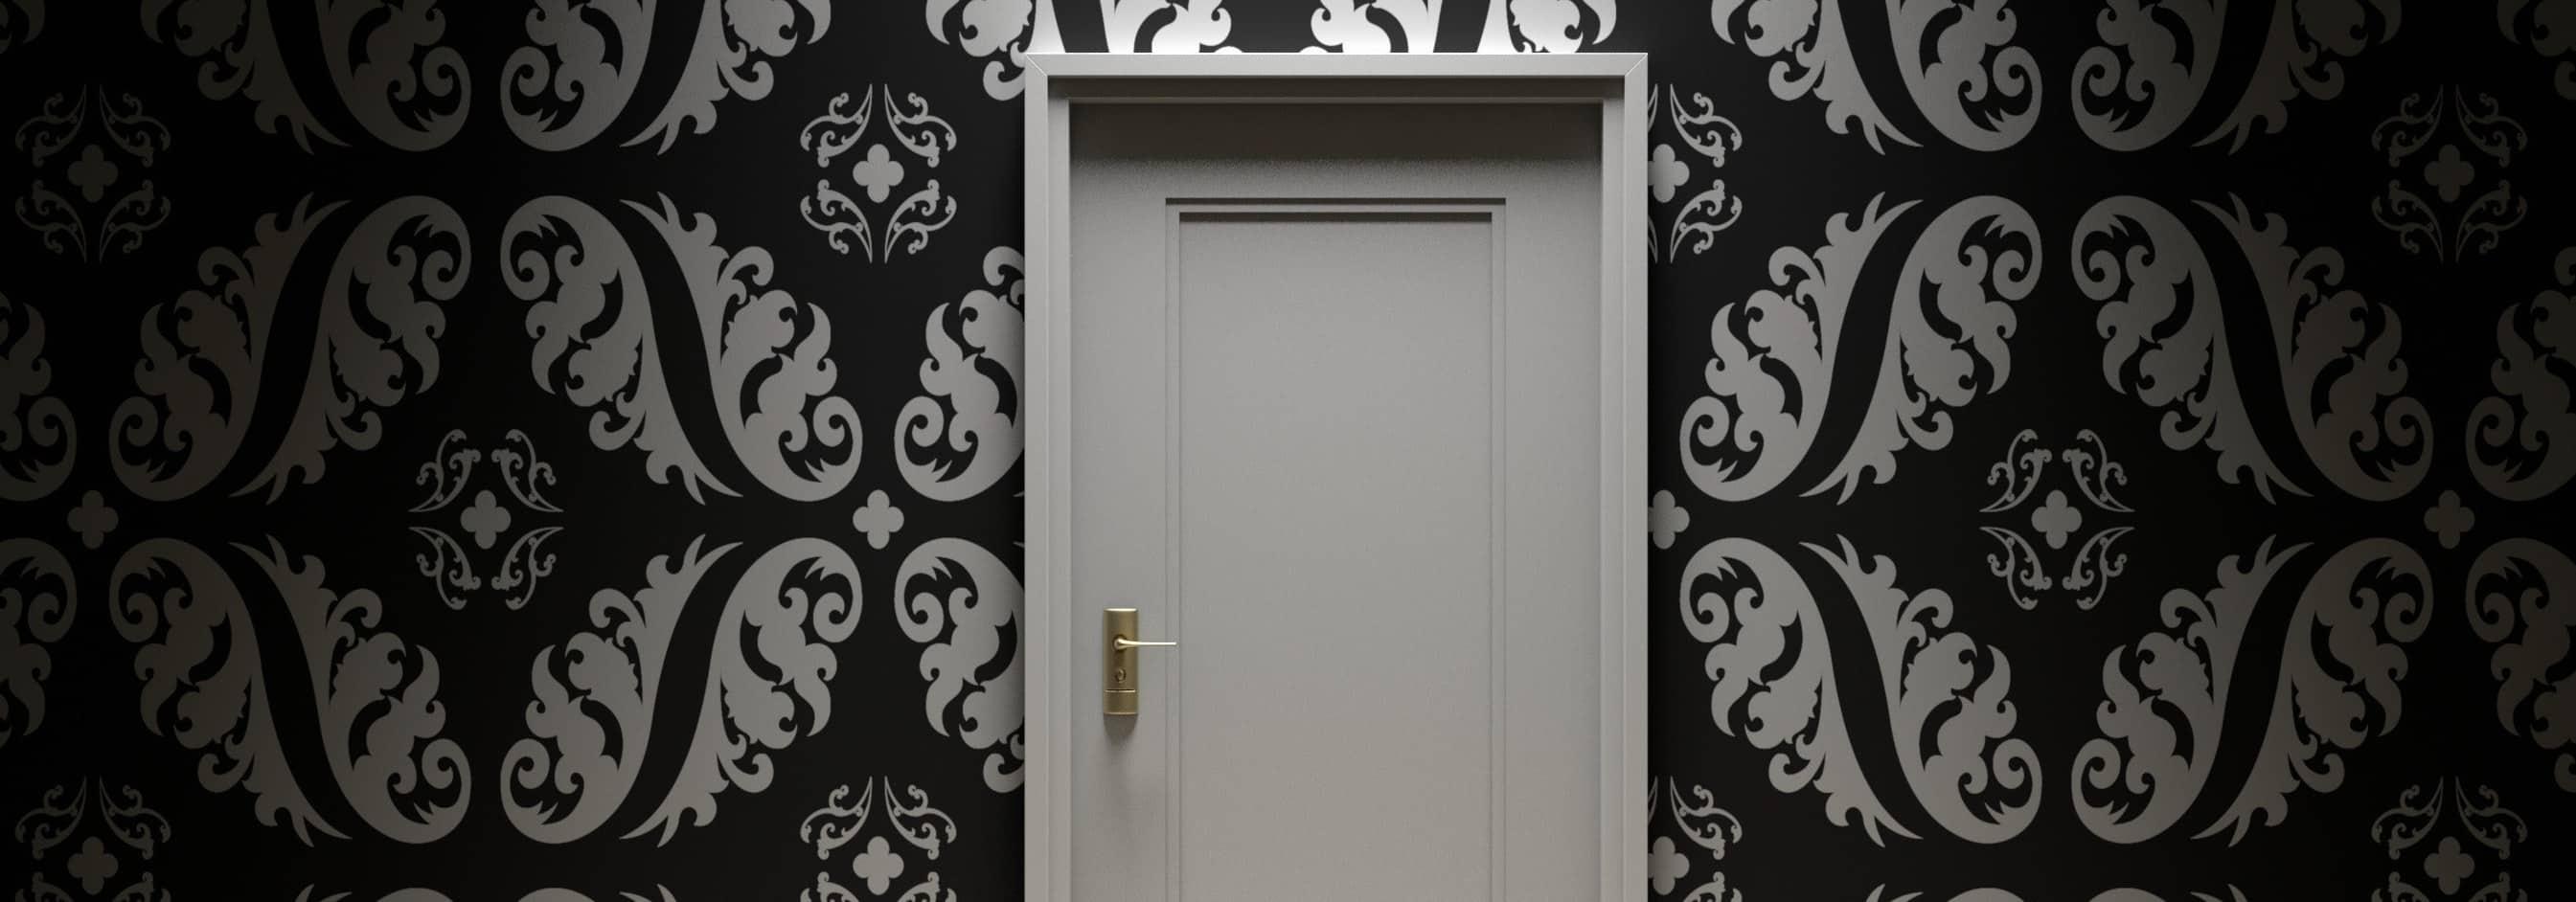 דלתות פנים מכירה והתקנה